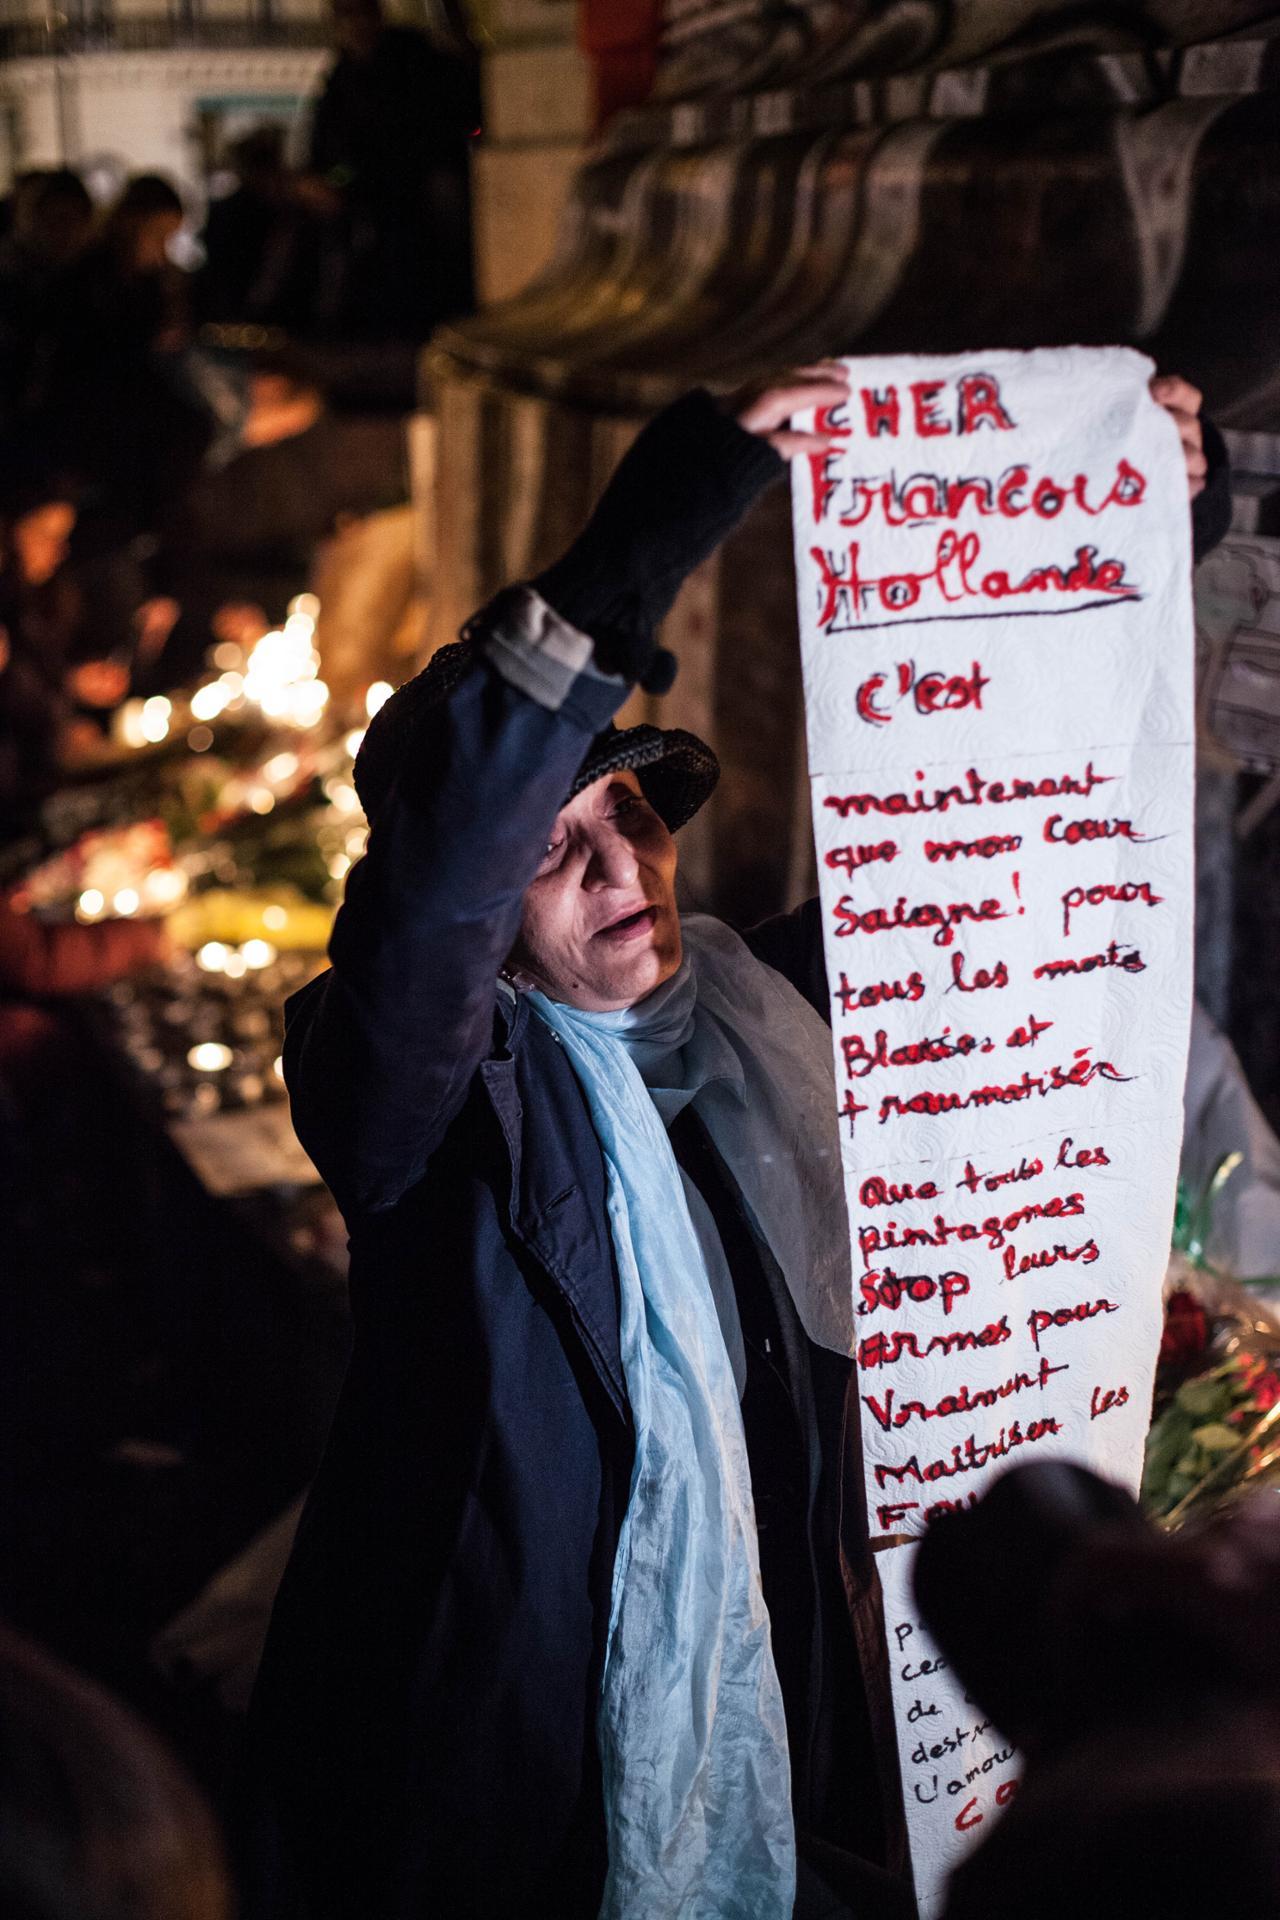 Une femme désespérée s'adressant au président de la République de lendemain des attentats de Paris.